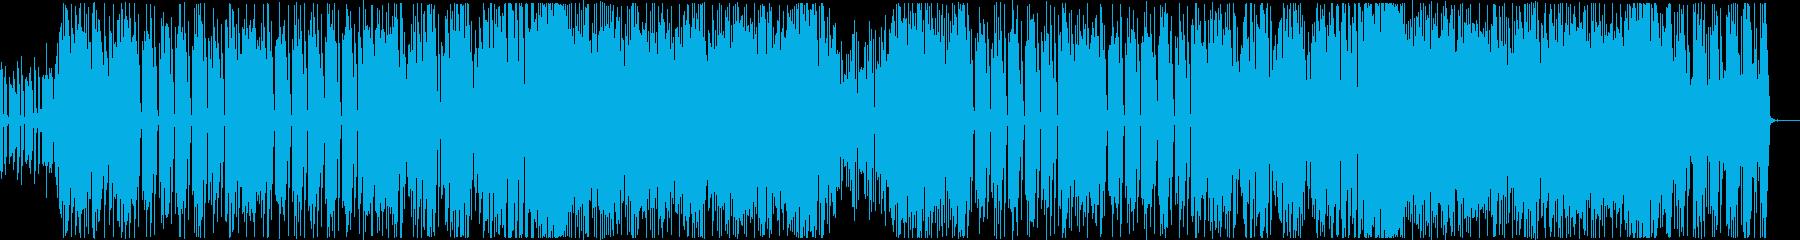 レトロでかわいいテクノポップ!メロディ無の再生済みの波形